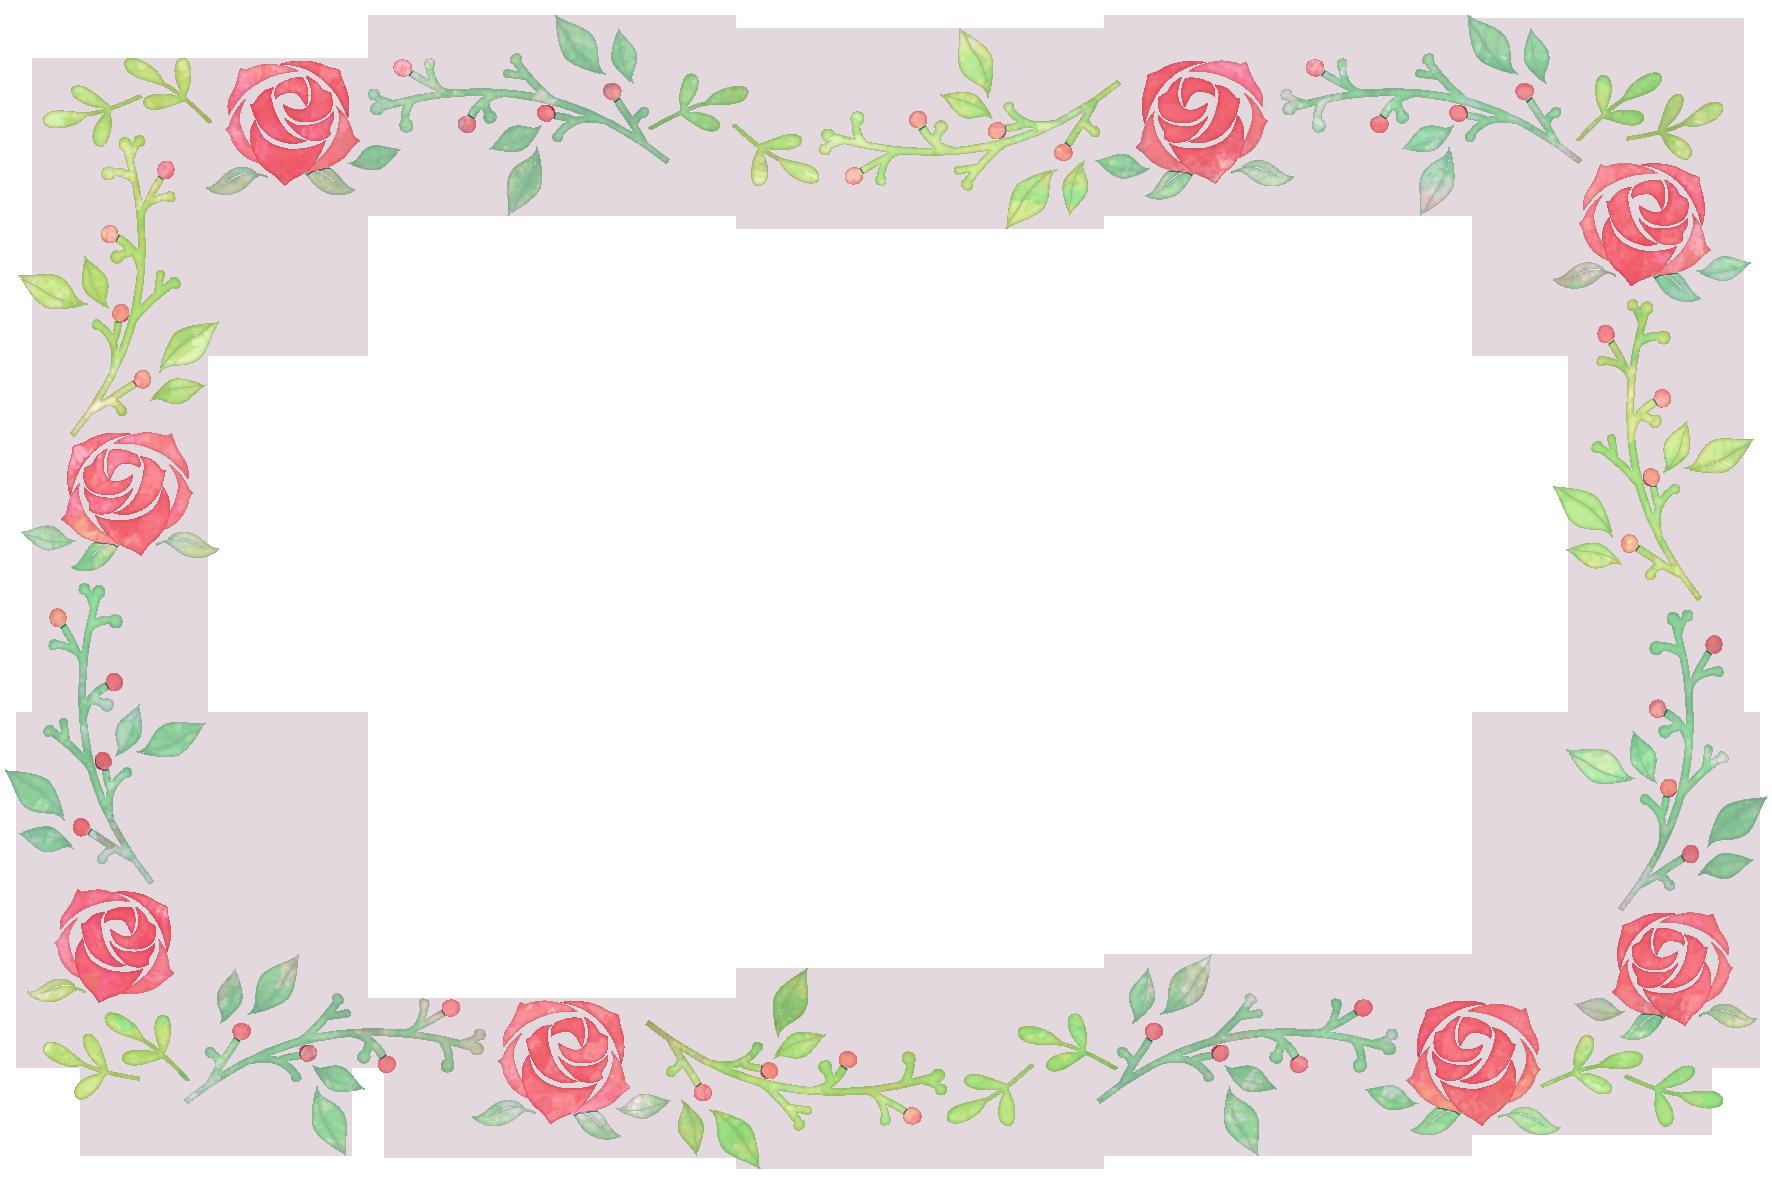 バラの花の水彩フレーム」 - 無料イラスト愛